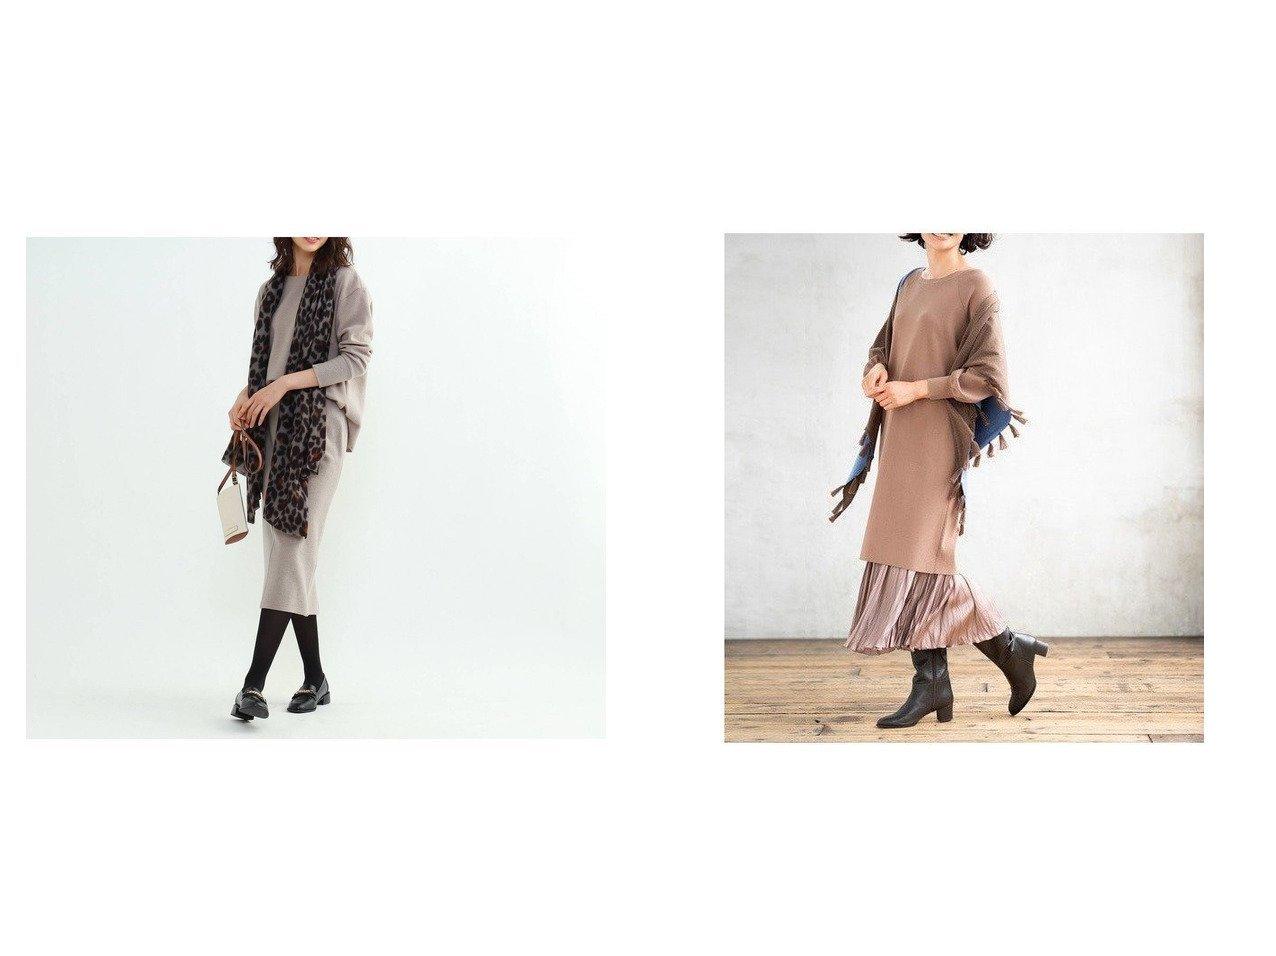 【JIYU-KU/自由区】の【UNFILO・Sサイズ有】選べるセットアップ(カーディガン)検索番号 UJ26&【INDIVI/インディヴィ】のスーパーブークレージャージ セットアップ ワンピース・ドレスのおすすめ!人気、レディースファッションの通販 おすすめで人気のファッション通販商品 インテリア・家具・キッズファッション・メンズファッション・レディースファッション・服の通販 founy(ファニー) https://founy.com/ ファッション Fashion レディース WOMEN セットアップ Setup トップス Tops Tshirt カーディガン Cardigans カーディガン ショート ジャージ ストレート セットアップ ポケット ミドル リラックス 人気 冬 Winter 秋 ヴィンテージ ギャザー サテン スリーブ 雑誌 フィット フレア |ID:crp329100000001875